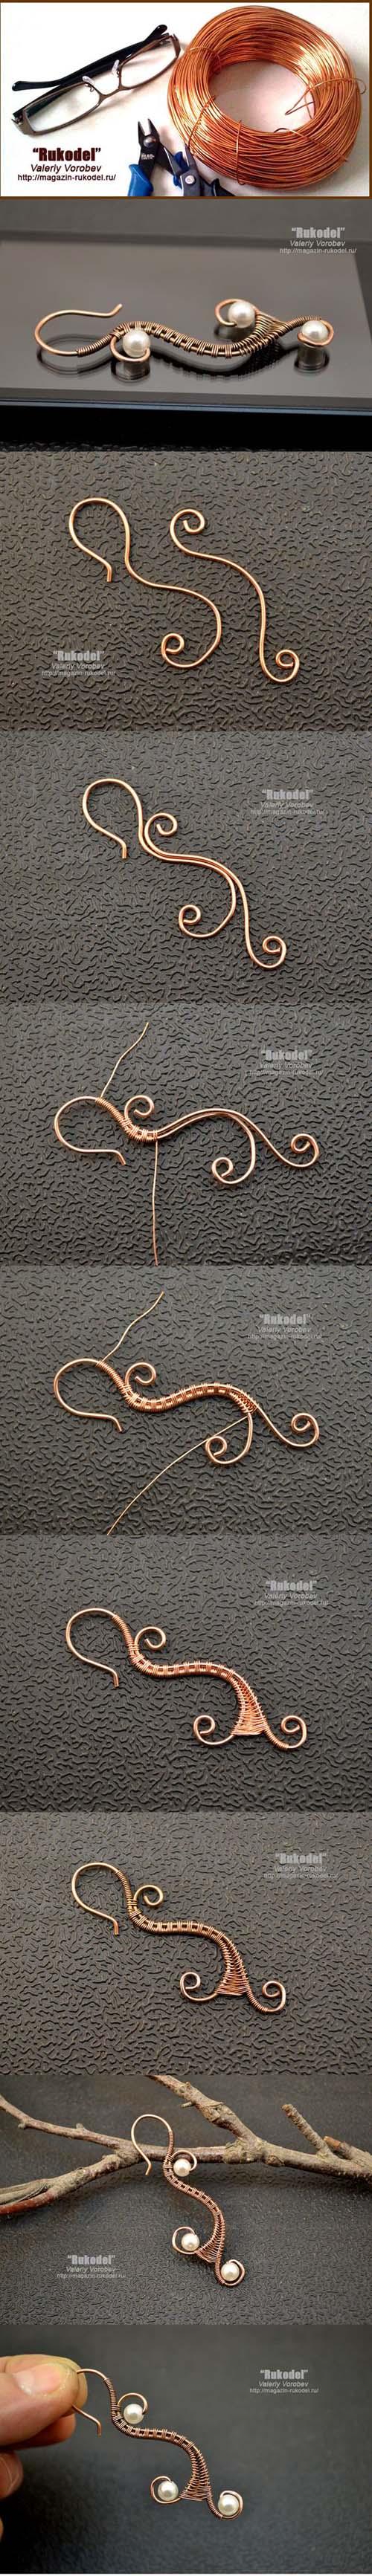 Υπέροχες ιδέες για να φτιάξετε τα δικά σας σκουλαρίκια (2)